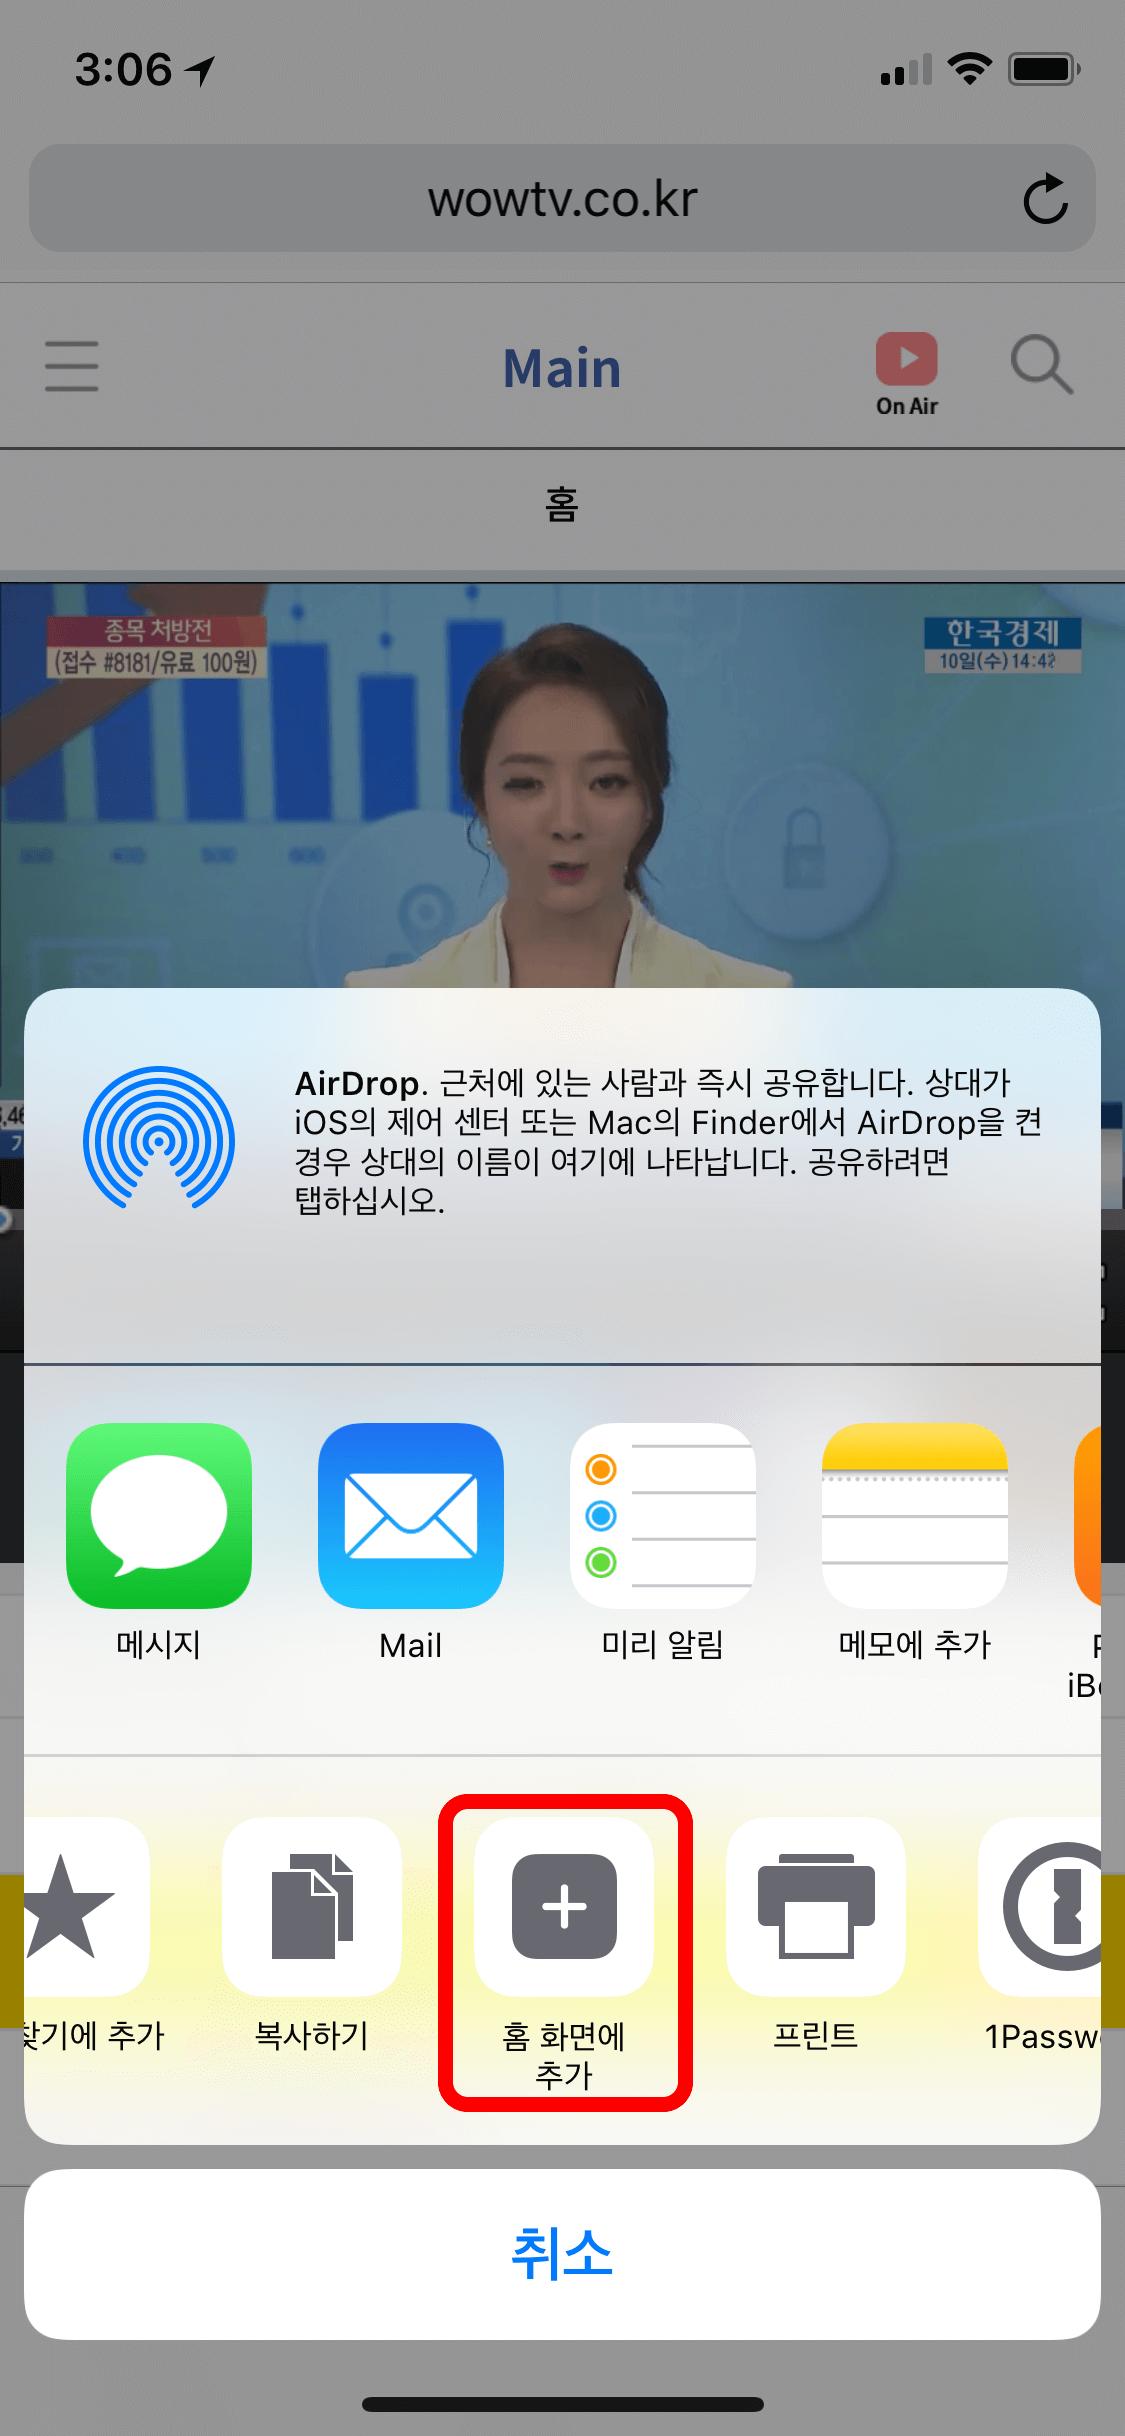 홈 화면에 [추가] 터치 설명을 돕기 위한 예시